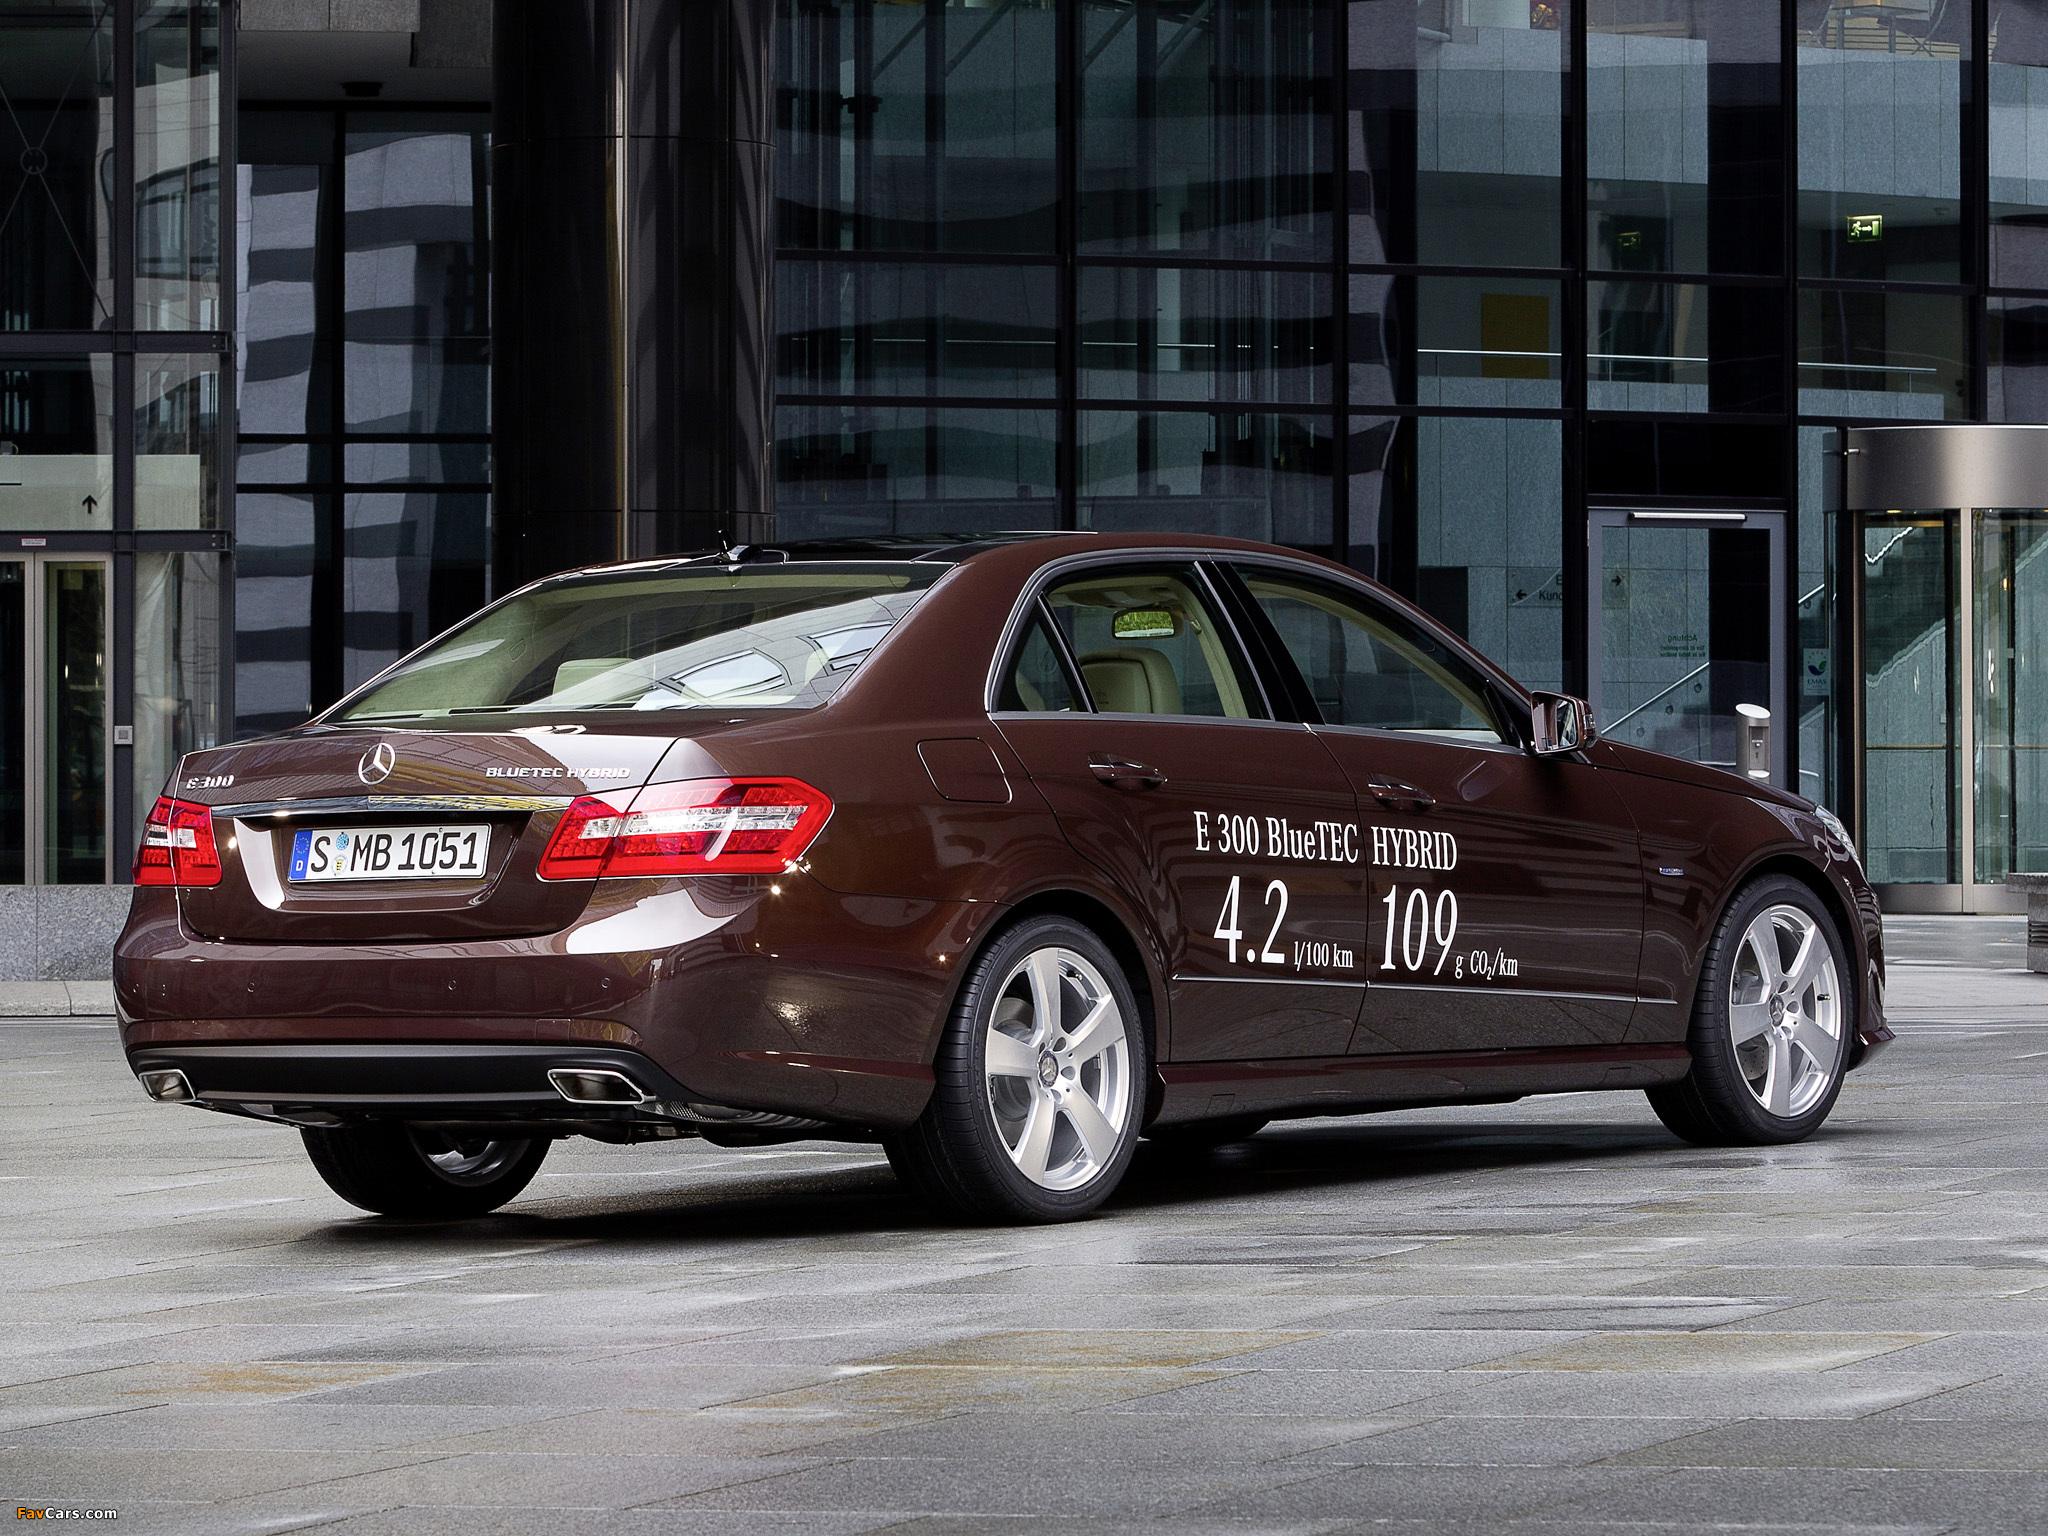 Заряжаемый гибрид Mercedes-Benz S550 Plug-In Hybrid ...